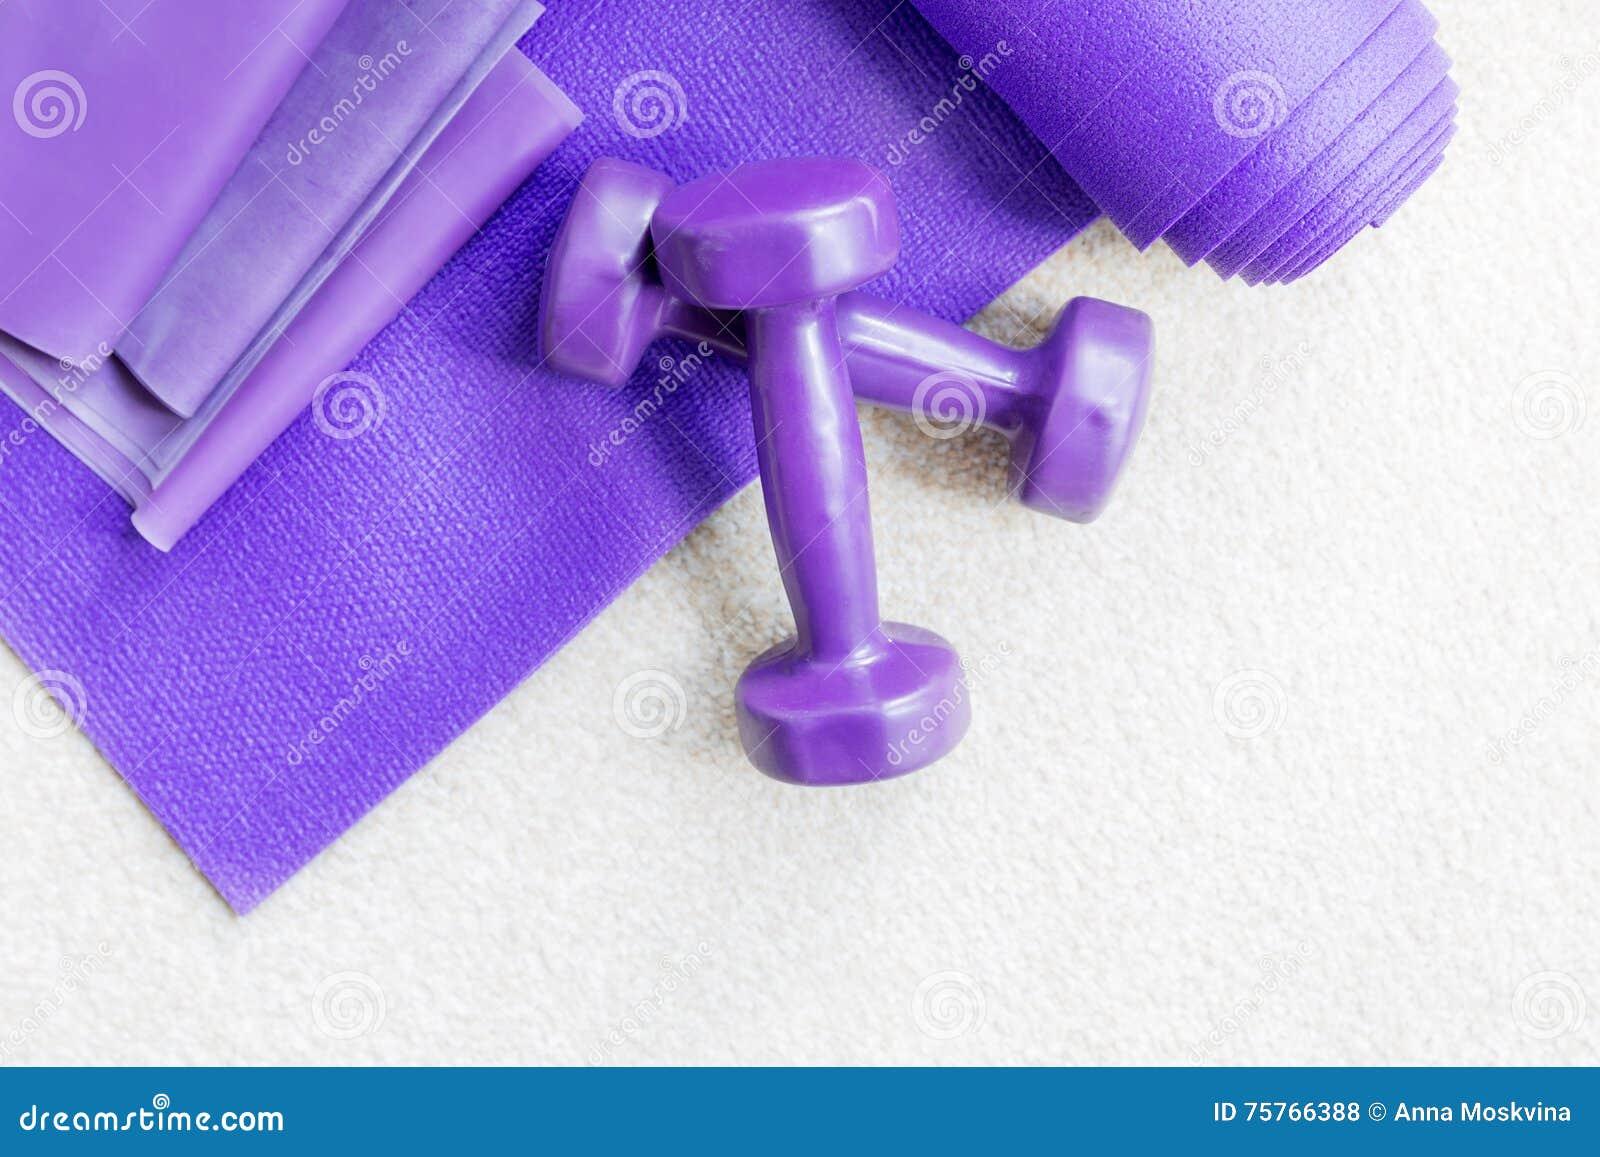 Suportes do equipamento dos pilates da ioga da aptidão no tapete